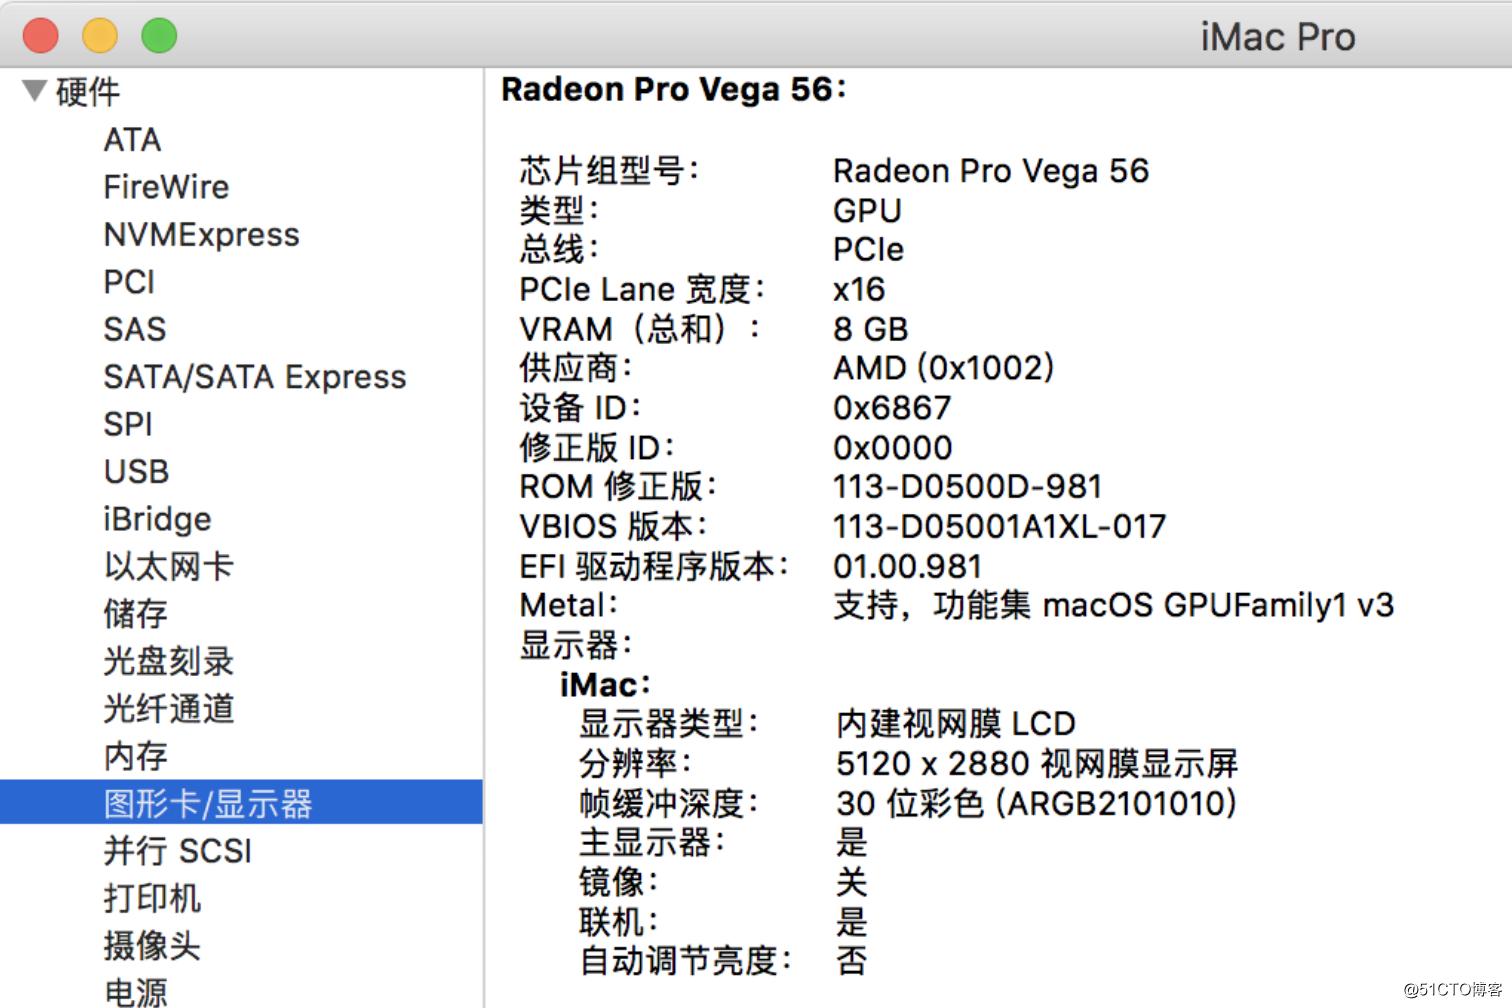 最强一体机iMac Pro硬件配置详解(附测试视频)